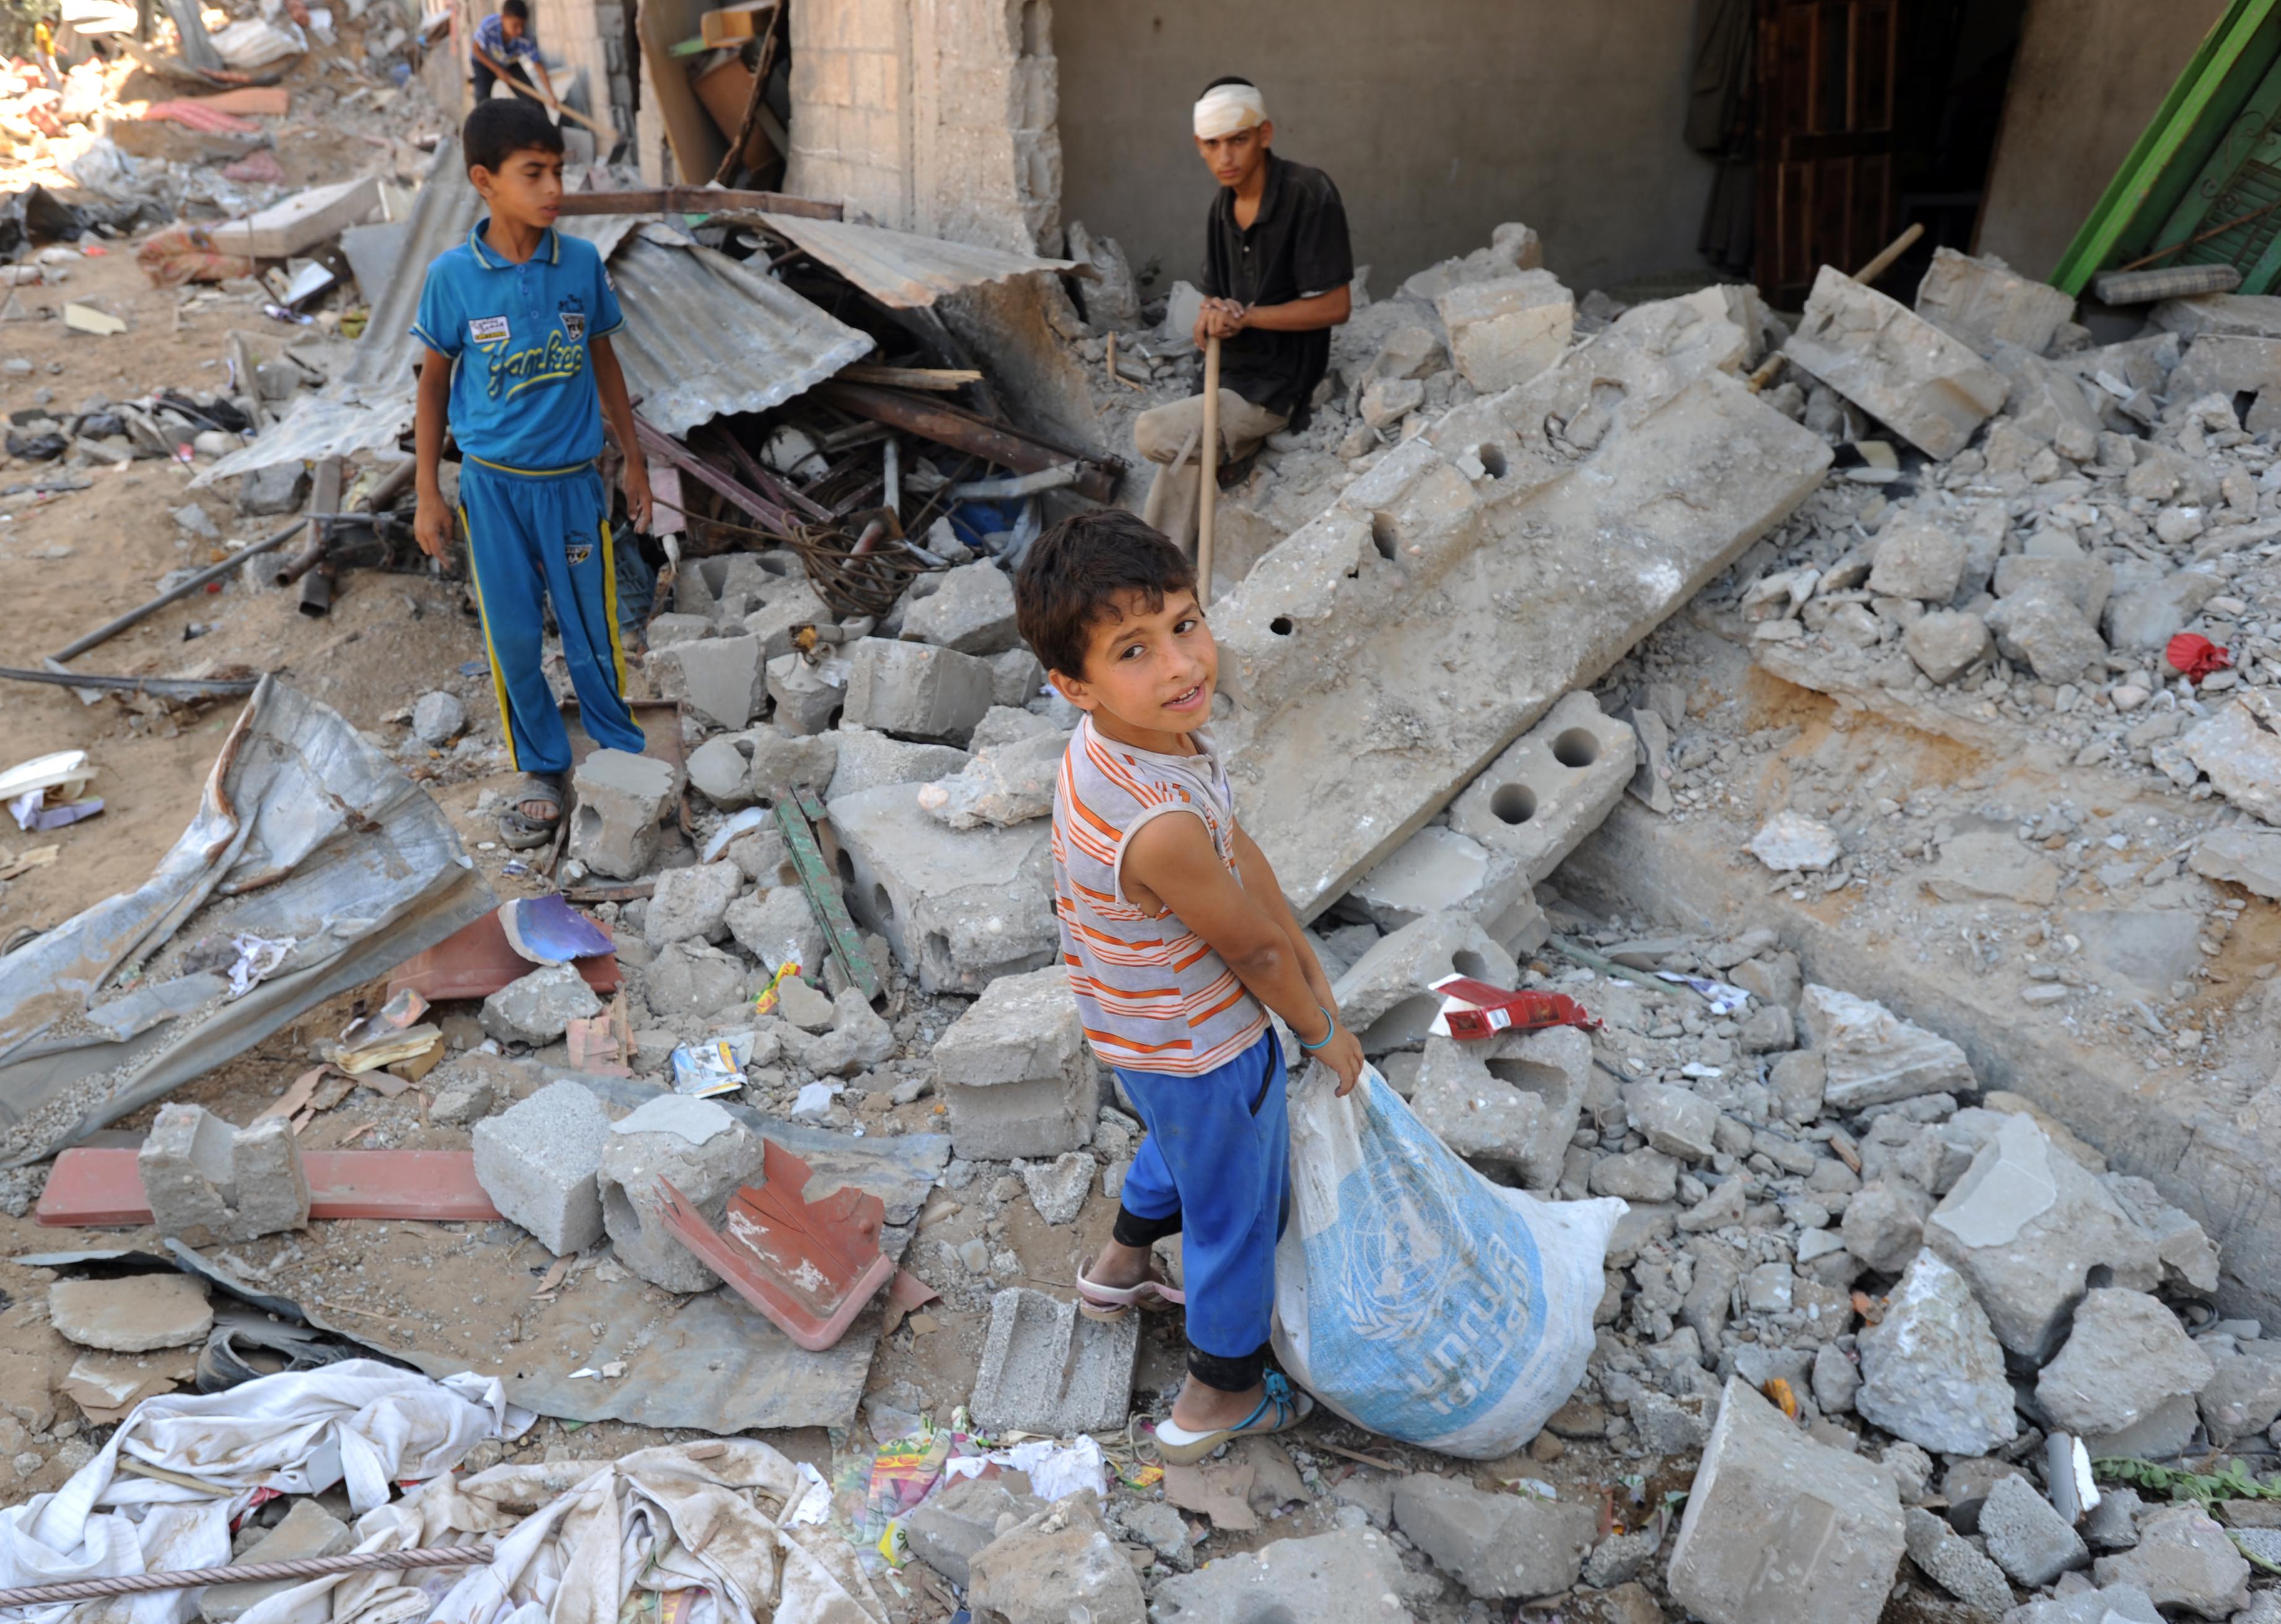 La ONU alerta de crisis humanitaria en Gaza